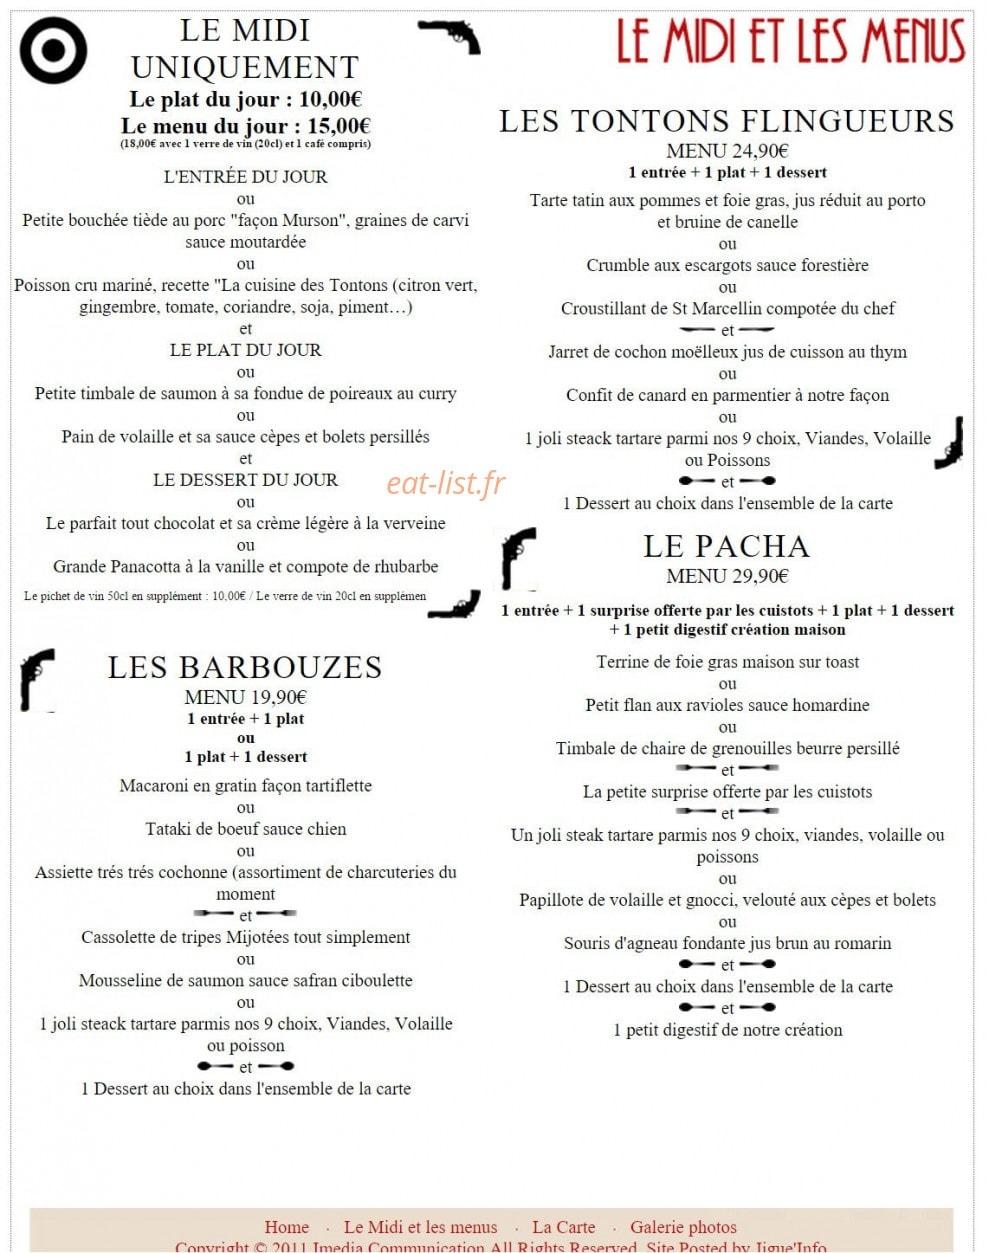 La Cuisine Des Tontons A Grenoble Carte Menu Et Photos